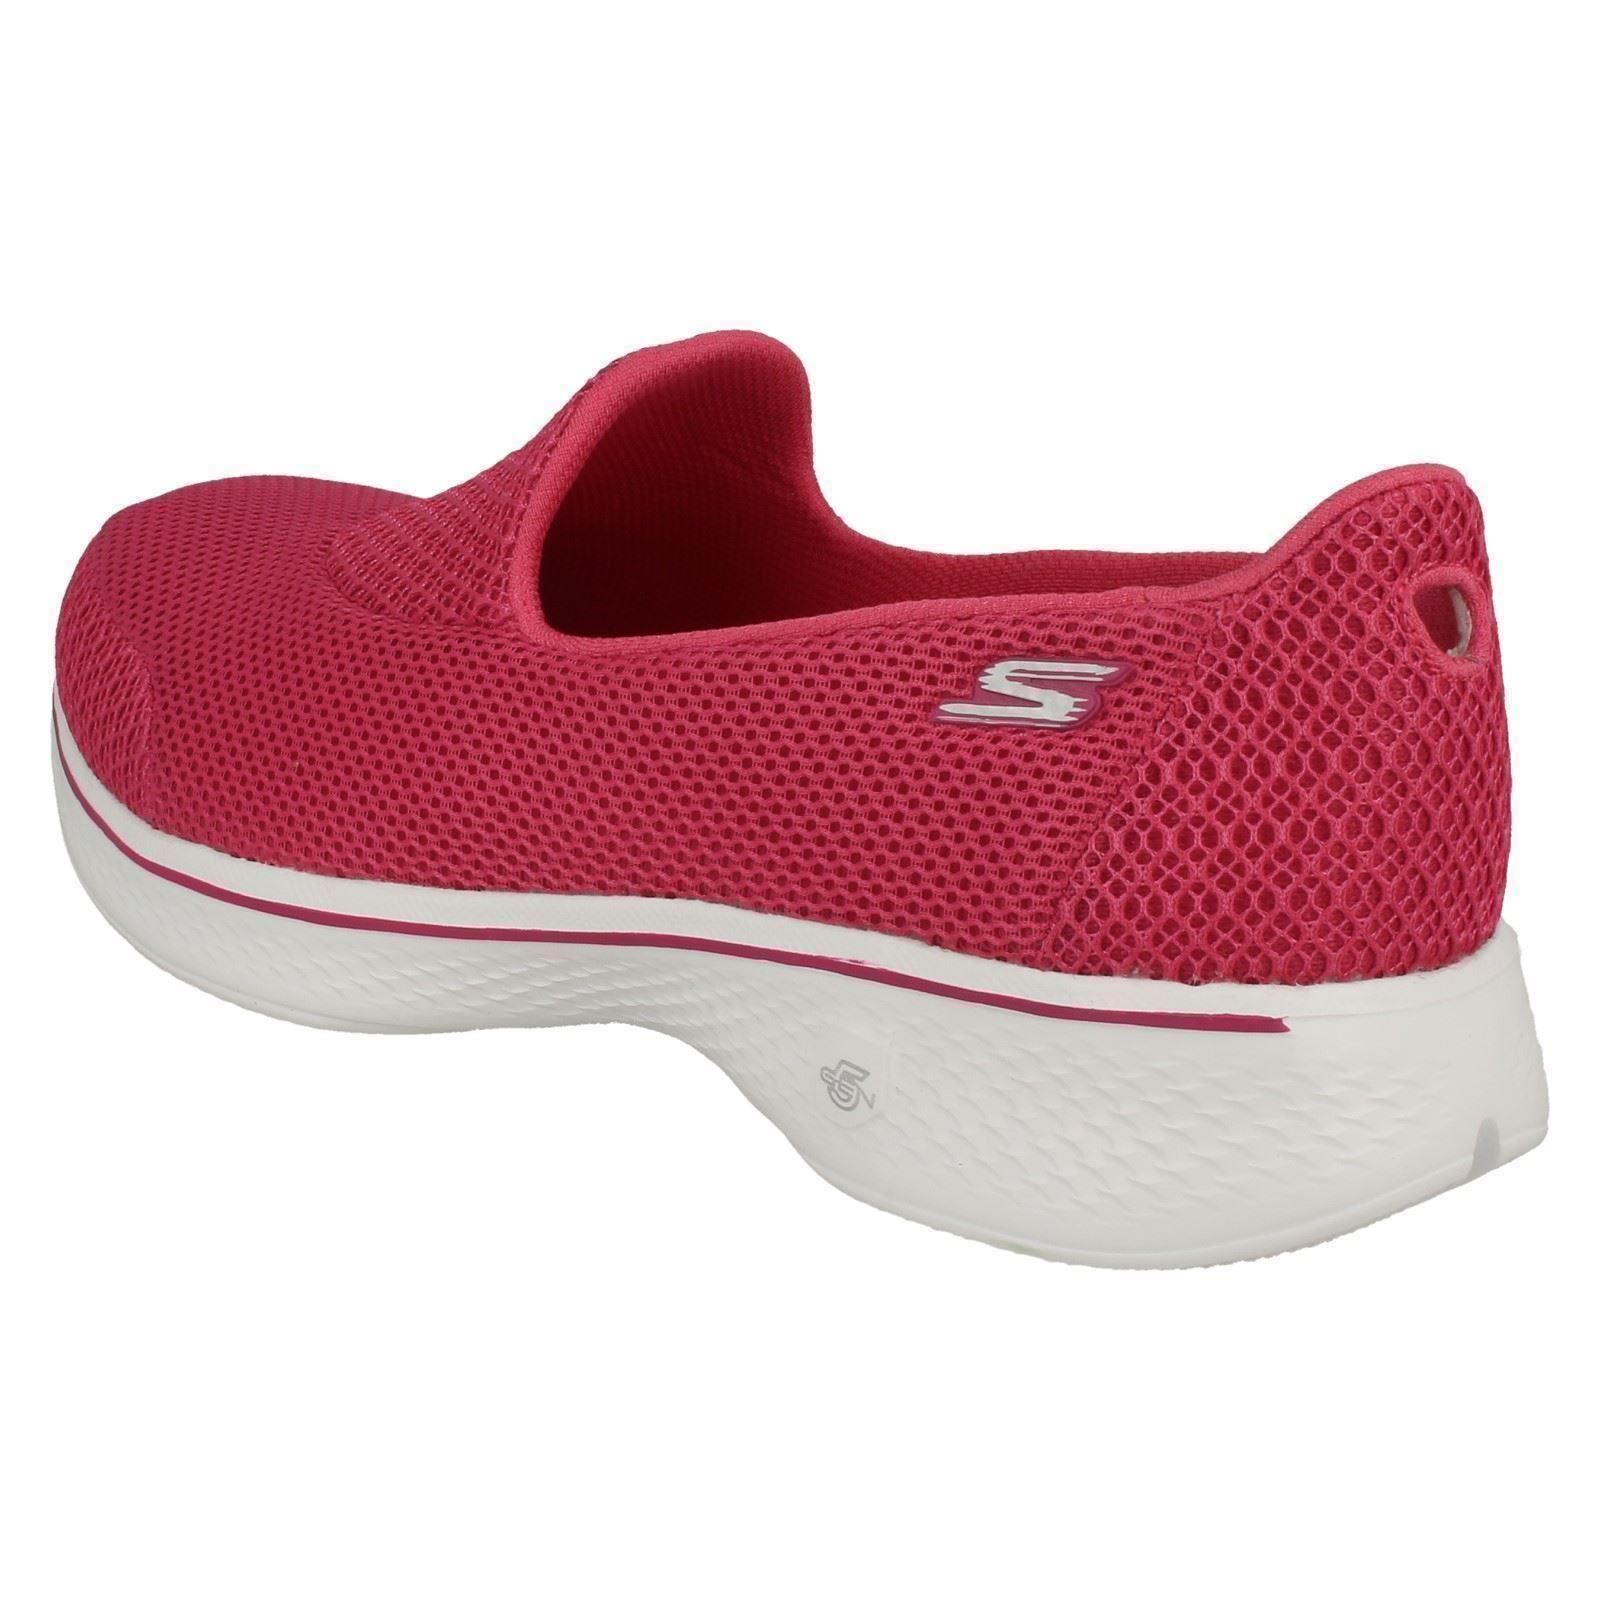 Damas Skechers Skechers Skechers Resbalón en Zapatillas Textil - 'Propel 14170' a63ec3